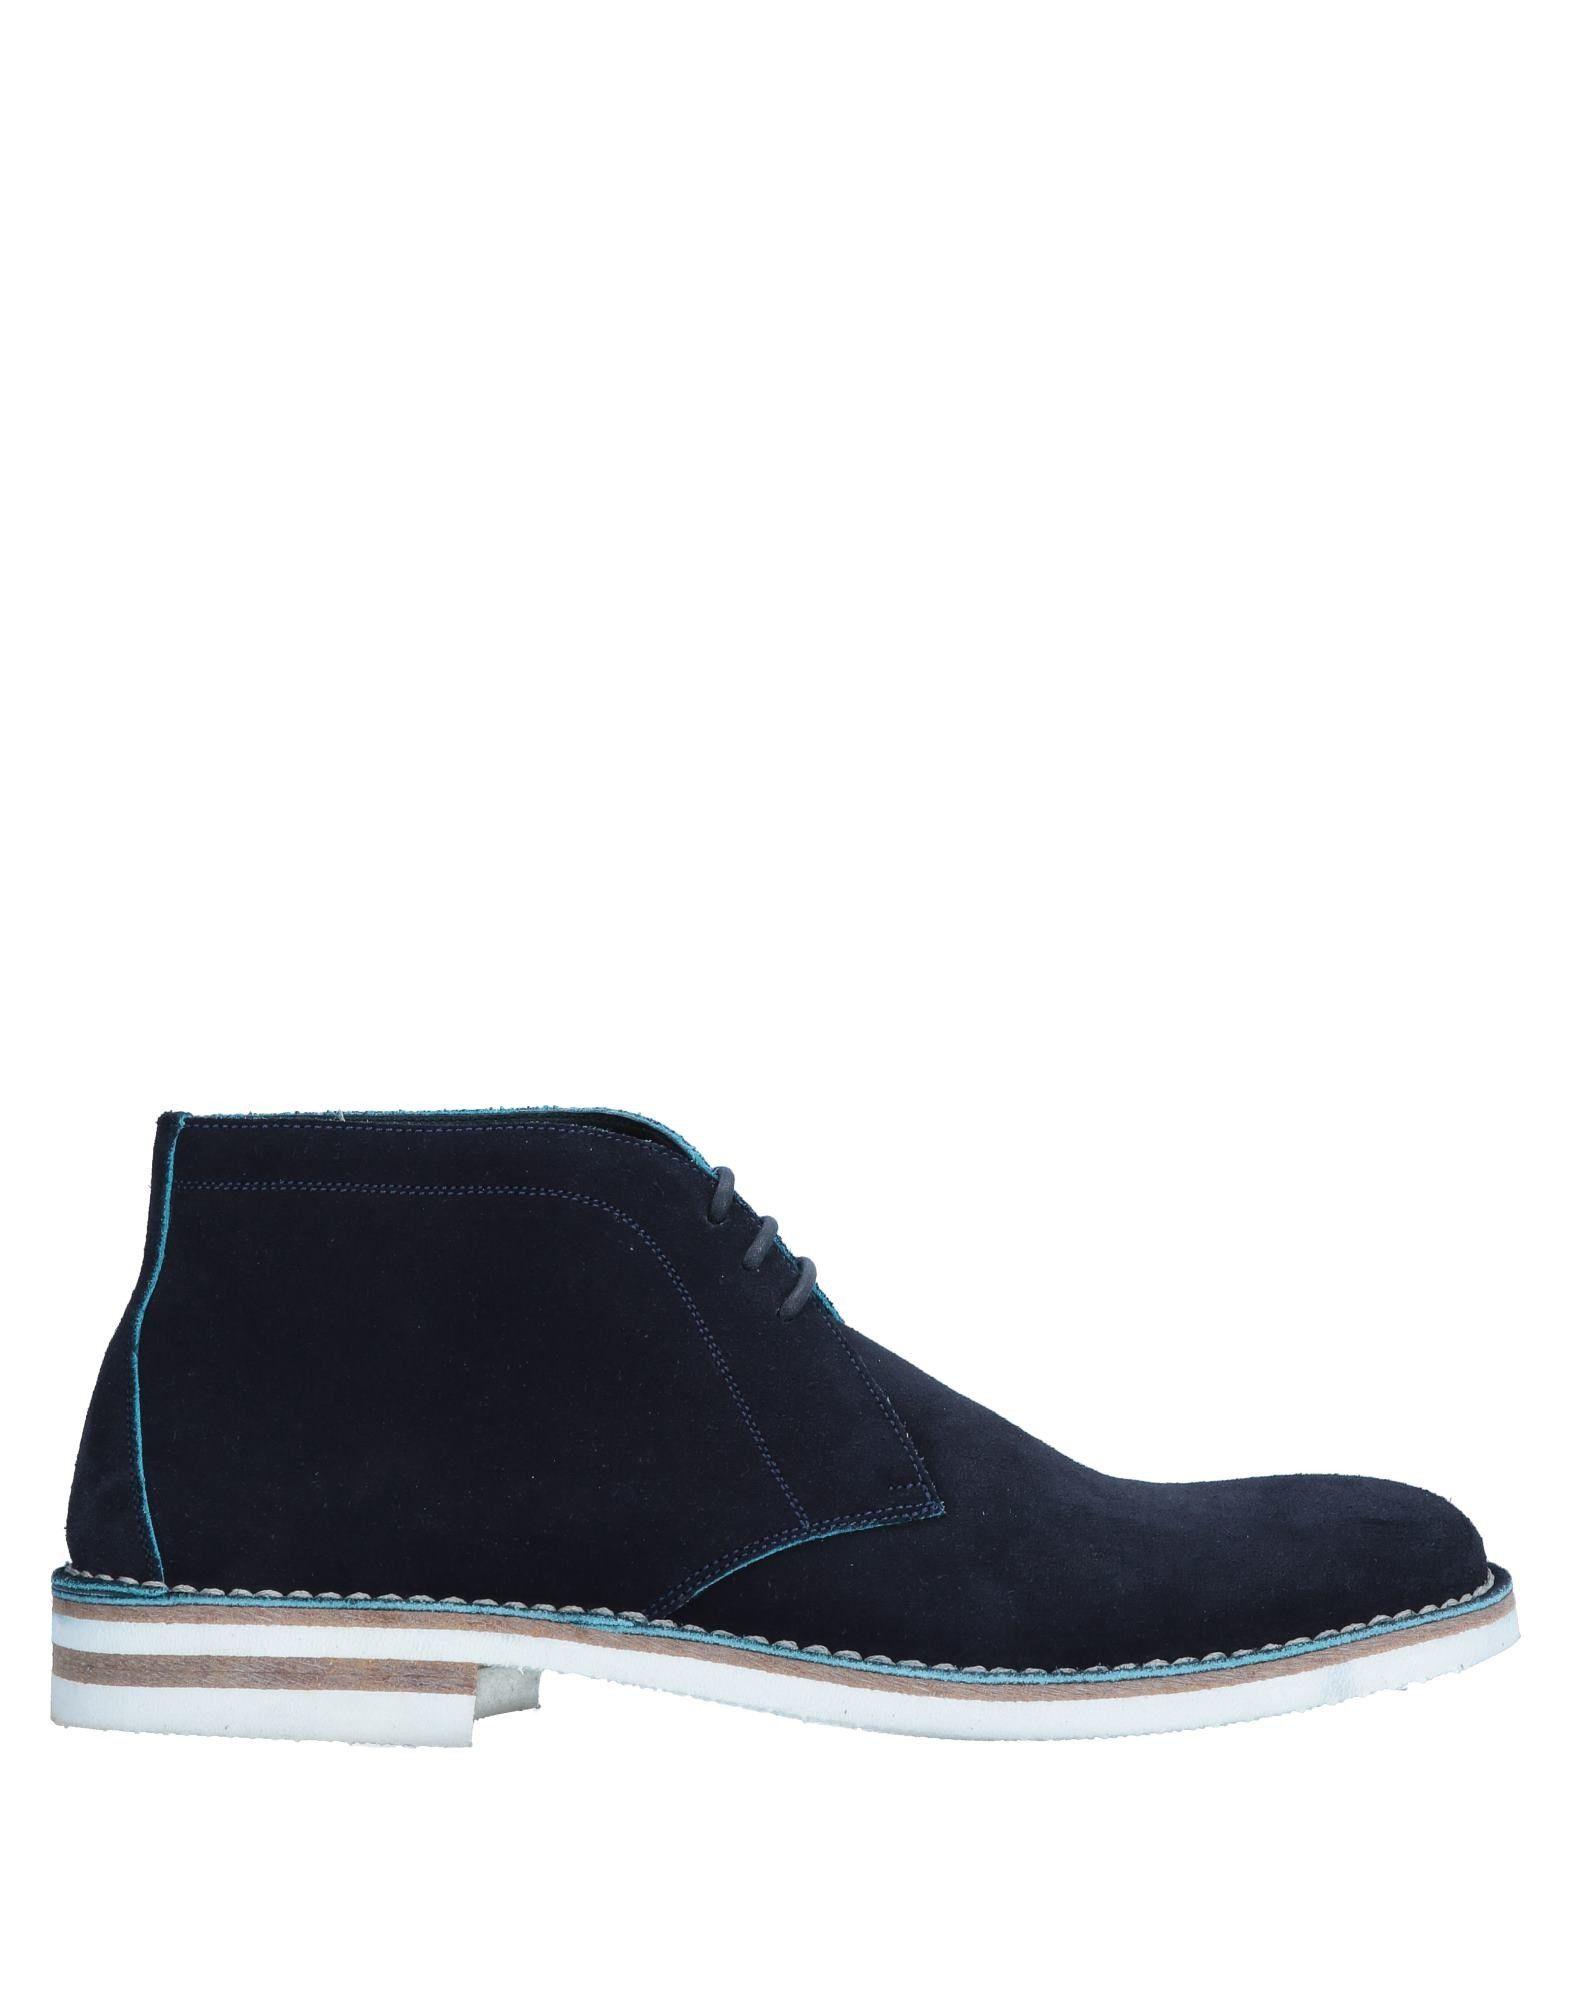 A.Testoni Stiefelette Herren  11542924UQ Gute Qualität beliebte Schuhe